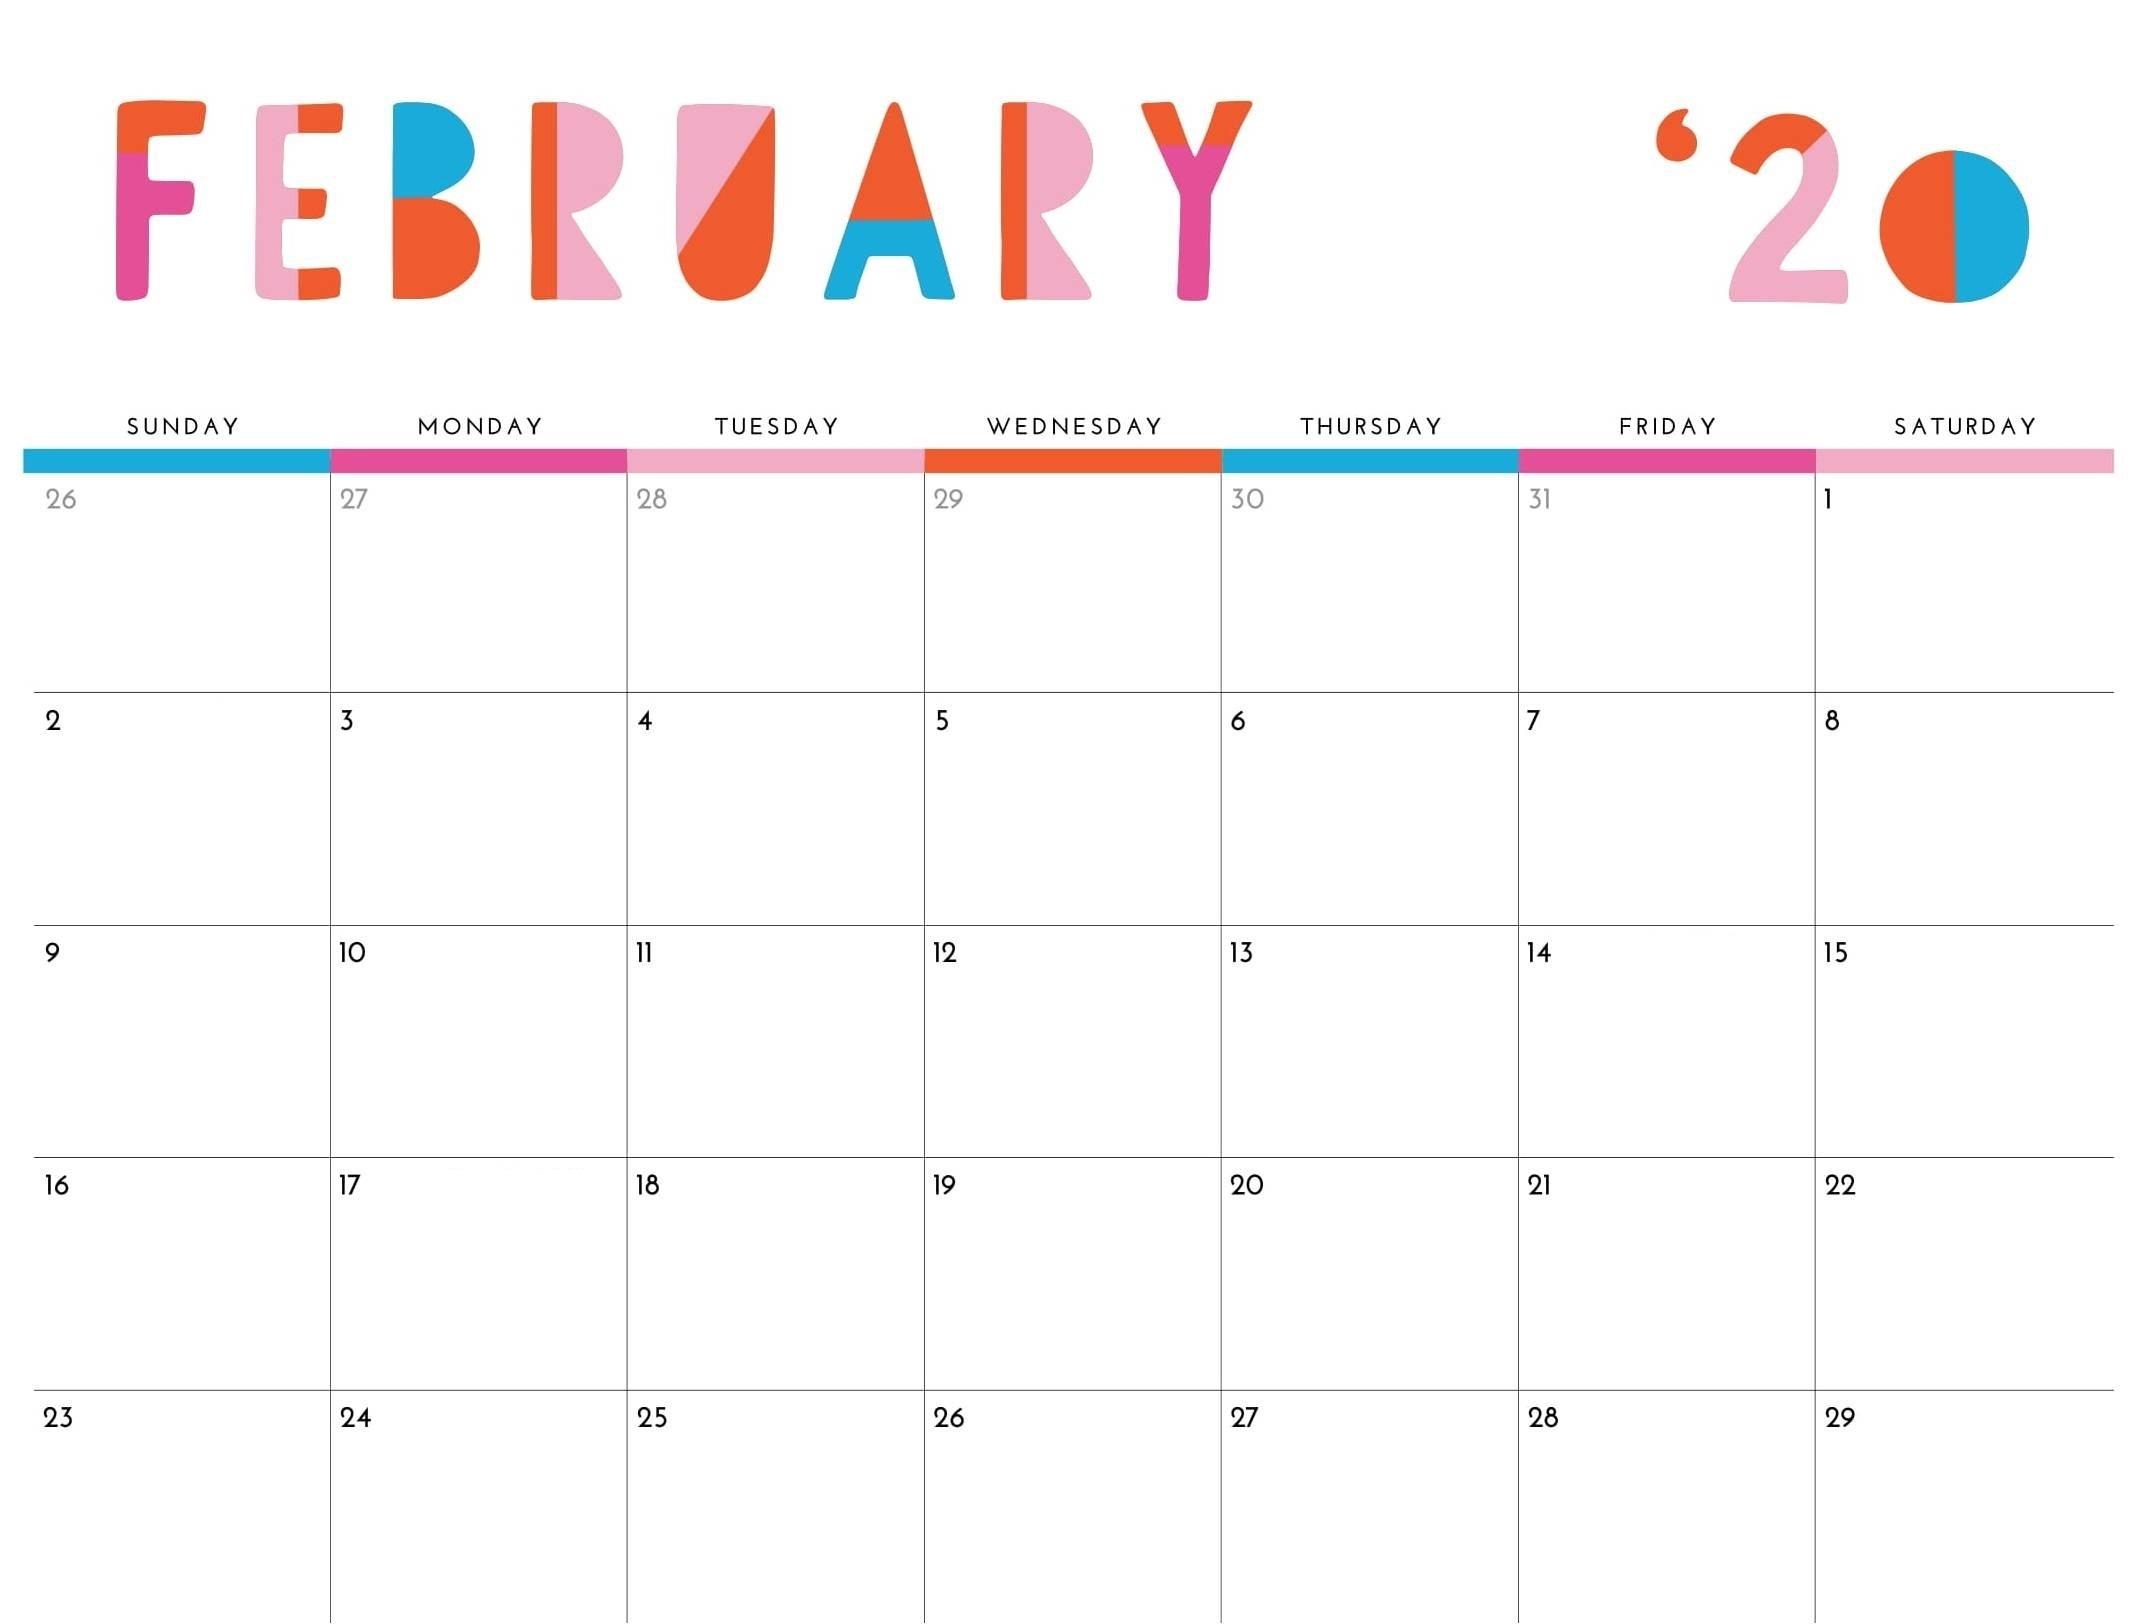 Cute February 2020 Calendar With Holidays